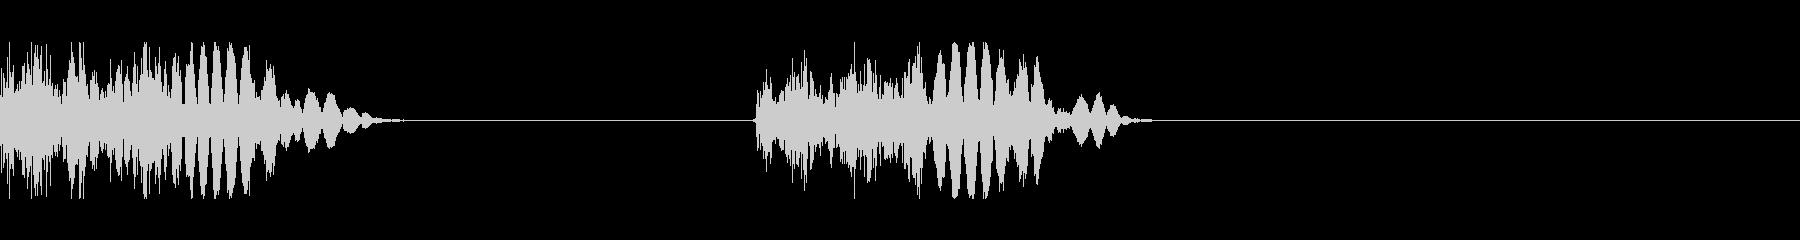 モンスターの足音 2(間隔短め)の未再生の波形